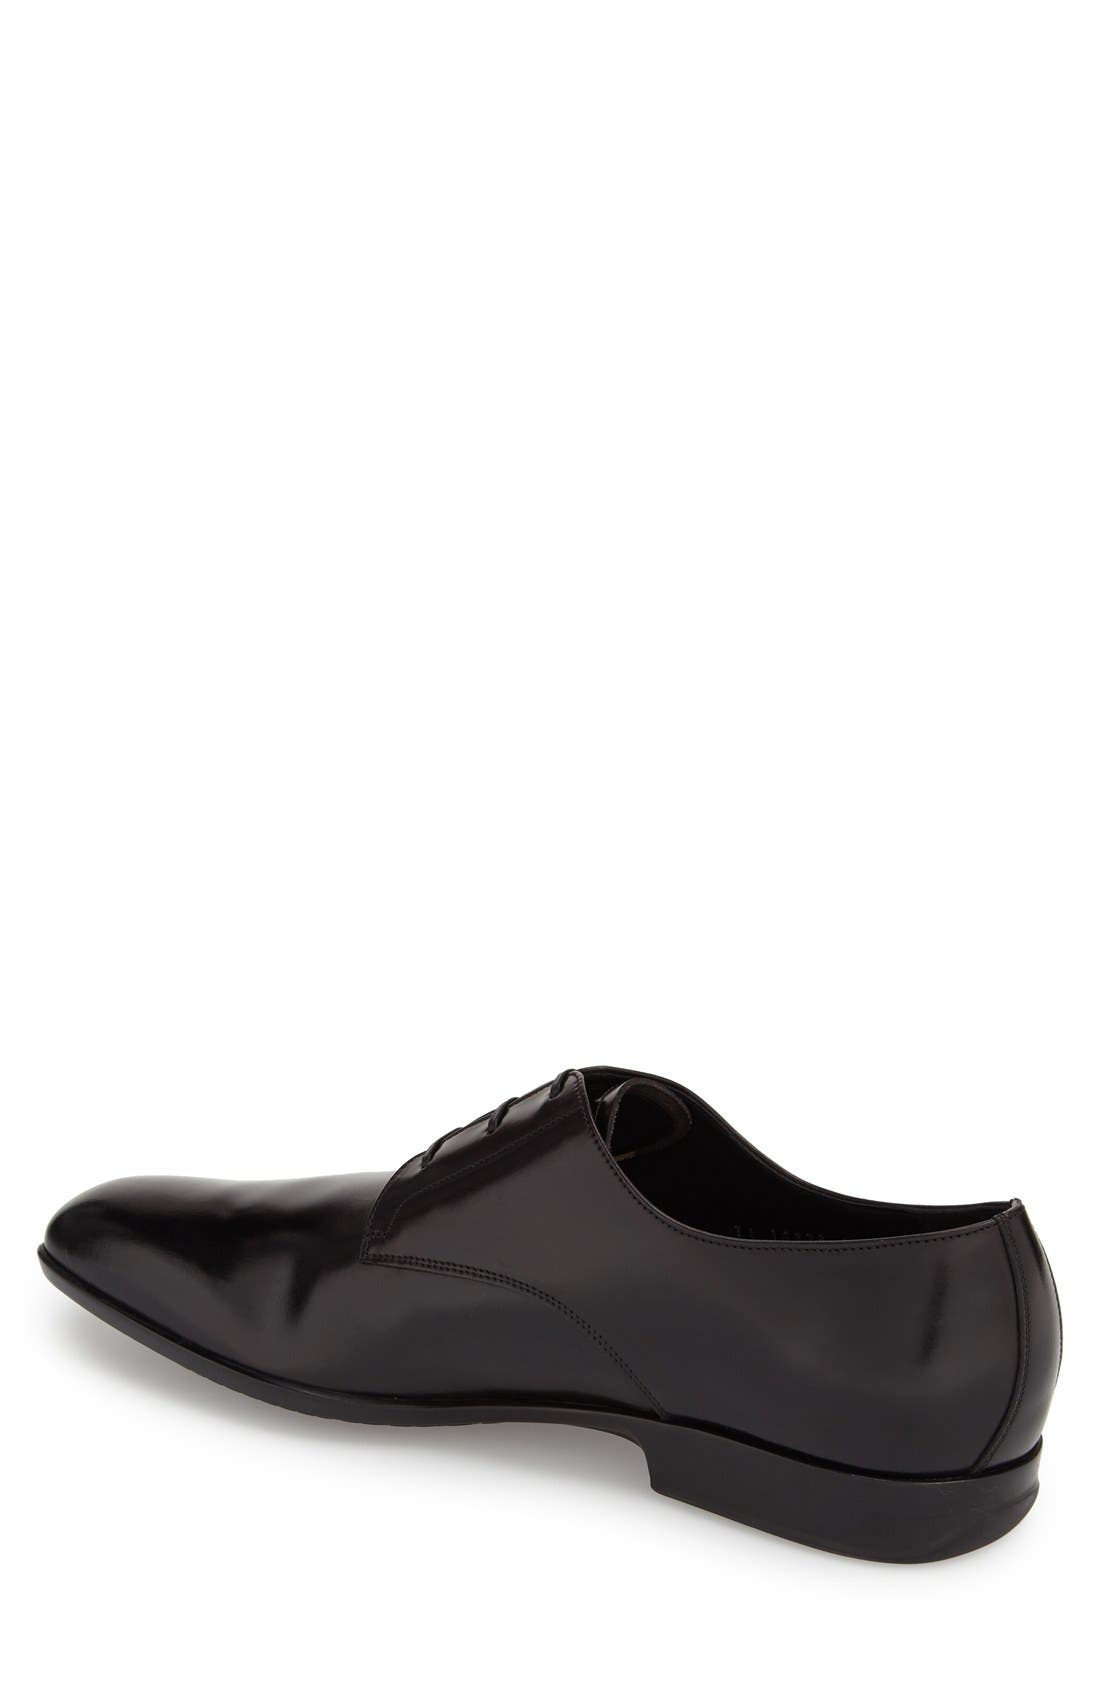 Alternate Image 2  - Salvatore Ferragamo 'Laurent' Plain Toe Derby (Men)